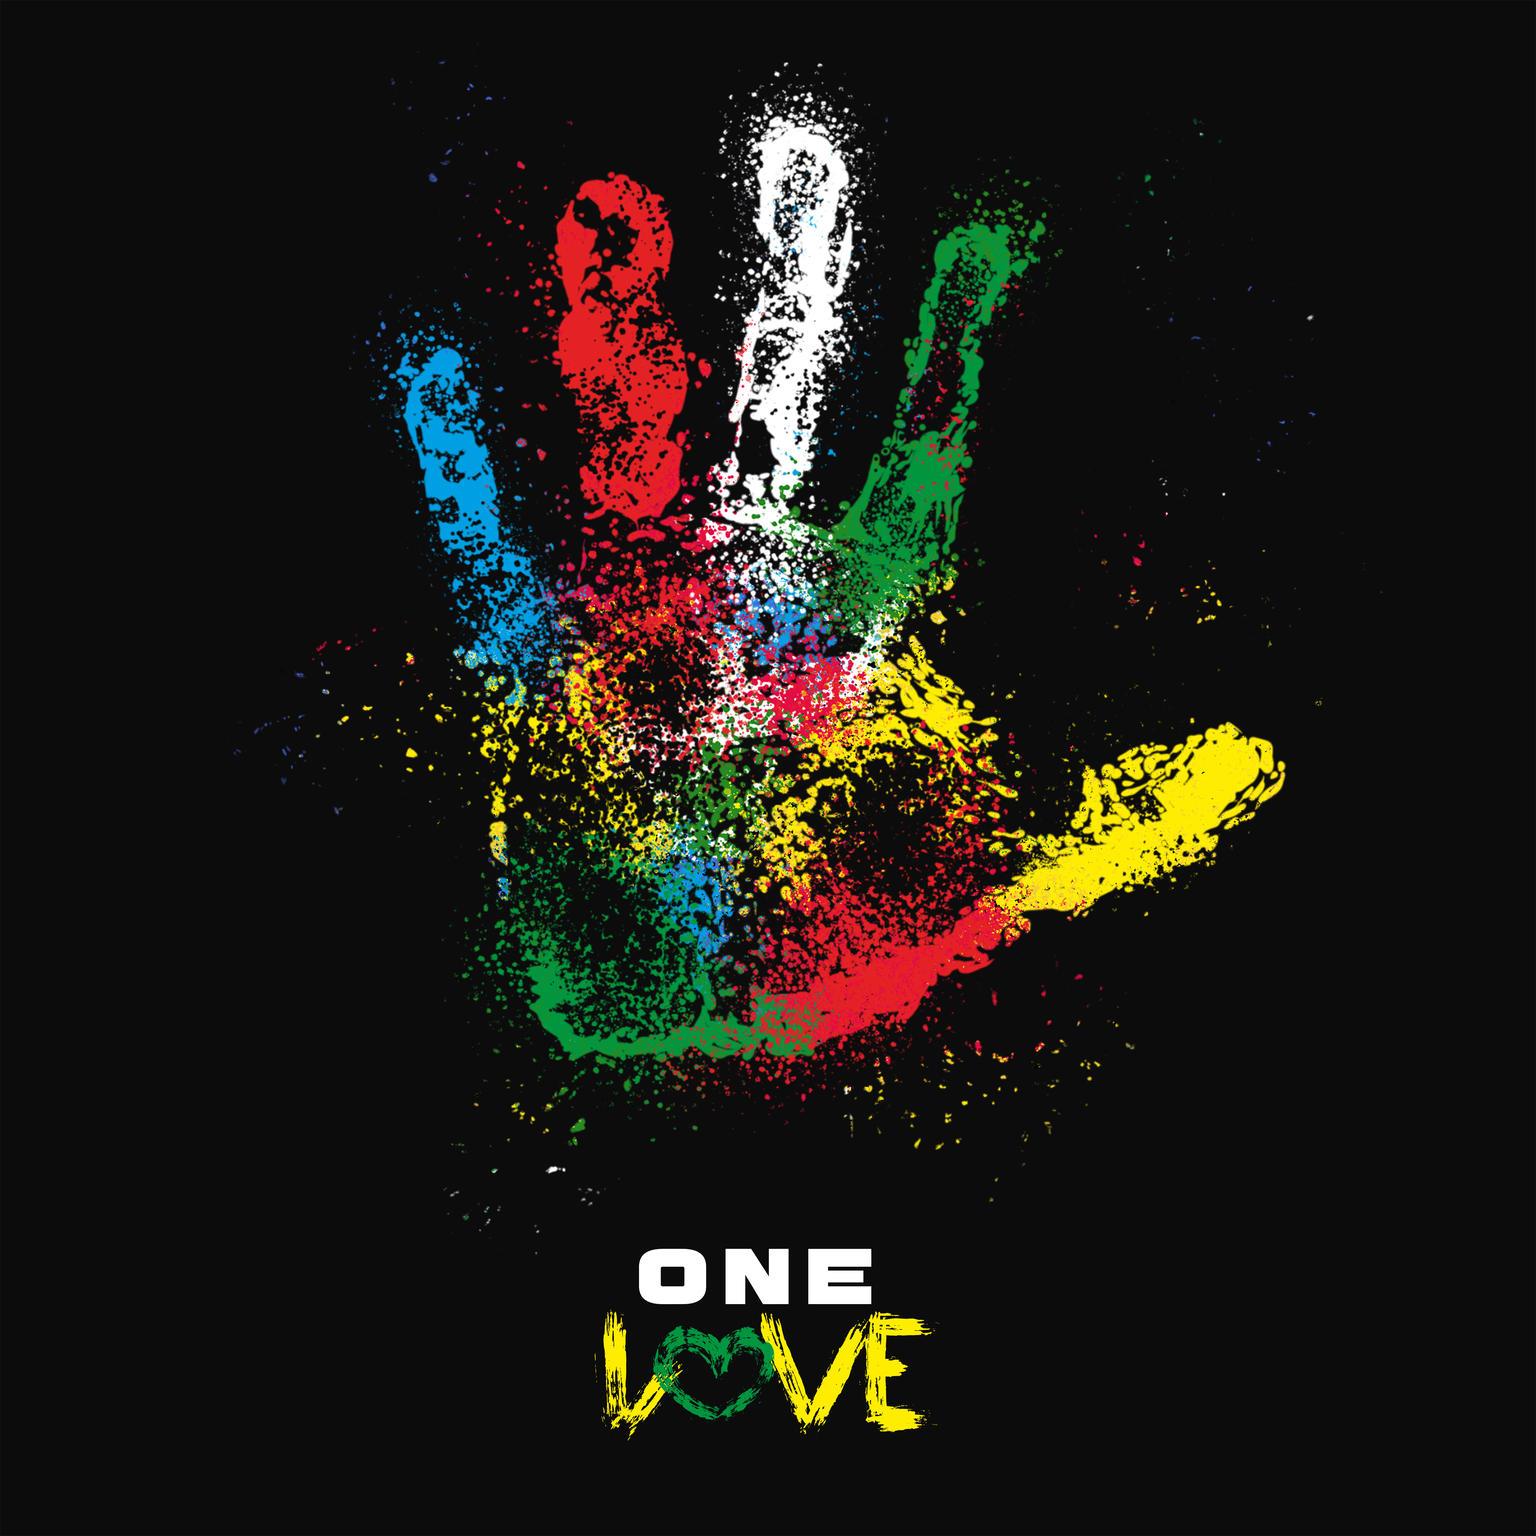 Photo of Բոբ Մարլիի հանրահայտ «Մեկ սեր» երգը՝ հանուն աշխարհը նորովի պատկերացնելու հնարավորության և ի աջակցություն ՅՈՒՆԻՍԵՖ-ի